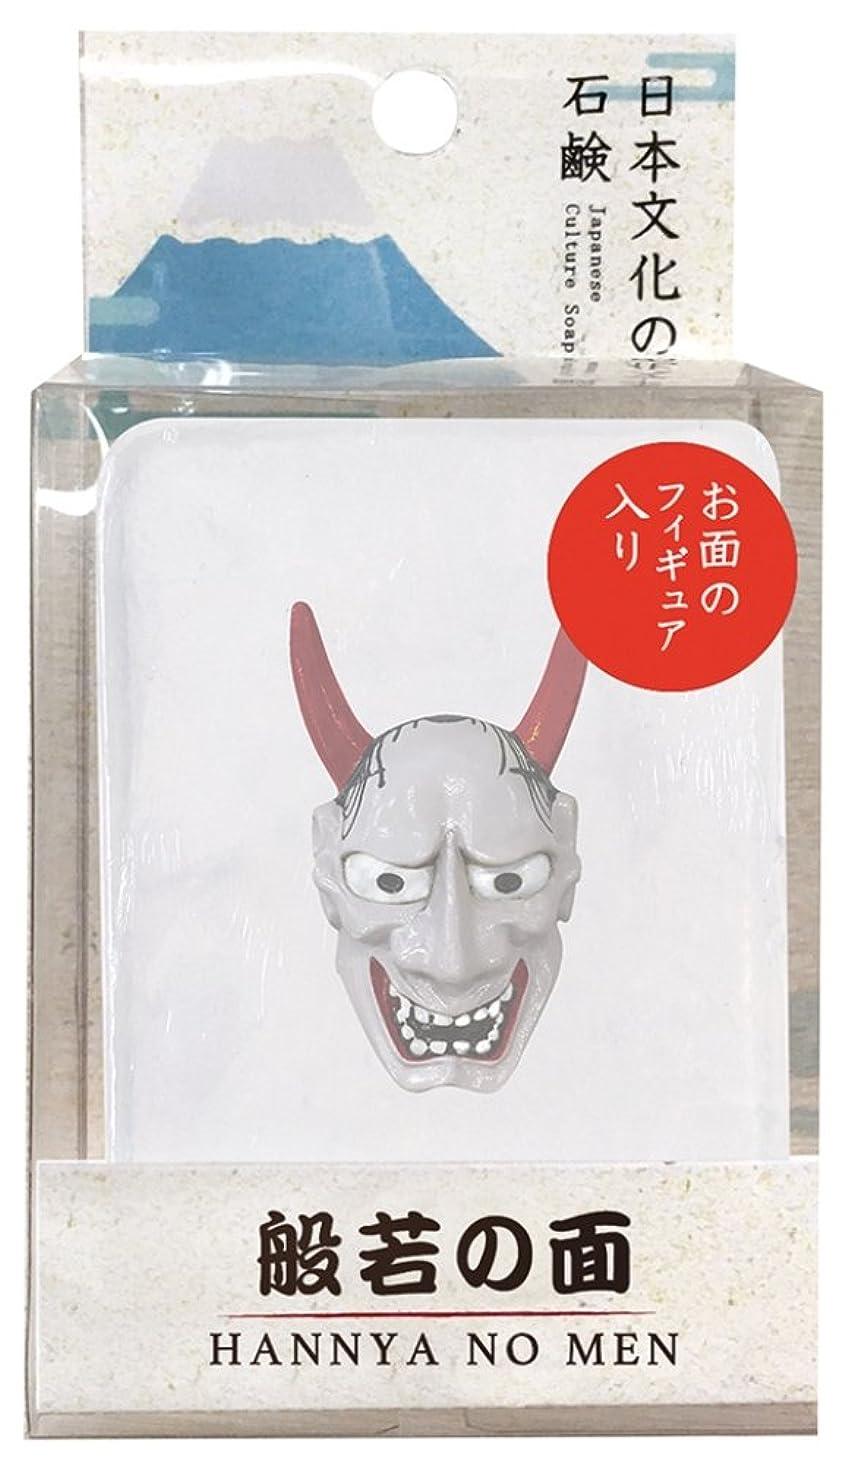 調整可能アレイ明日ノルコーポレーション 石鹸 日本文化の石鹸 般若の面 140g フィギュア付き OB-JCP-1-6